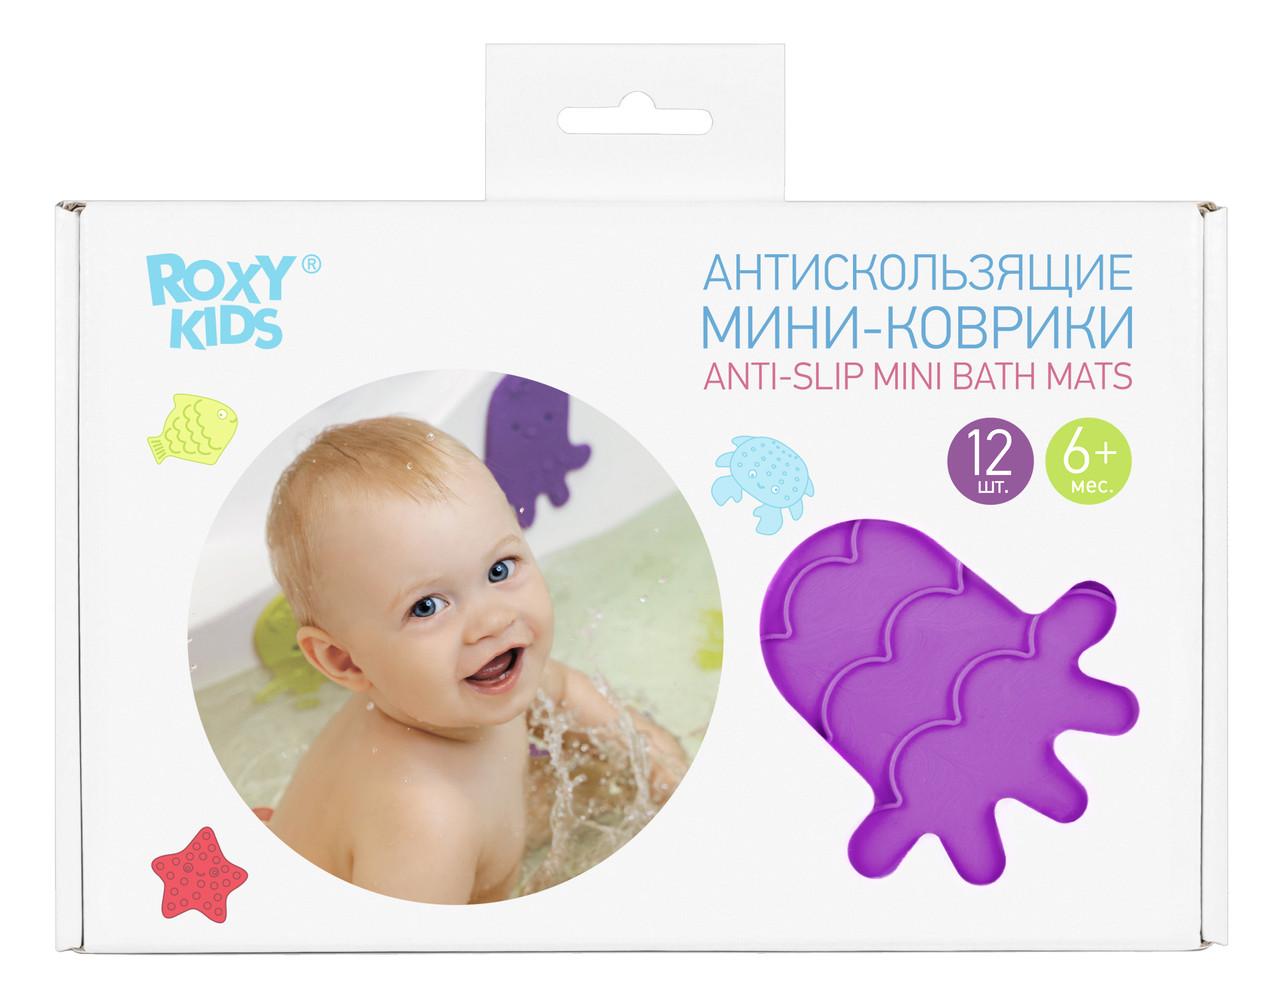 Антискользящие мини-коврики ROXY-KIDS для ванны. Цвета в ассортименте. 12 шт. - фото 1